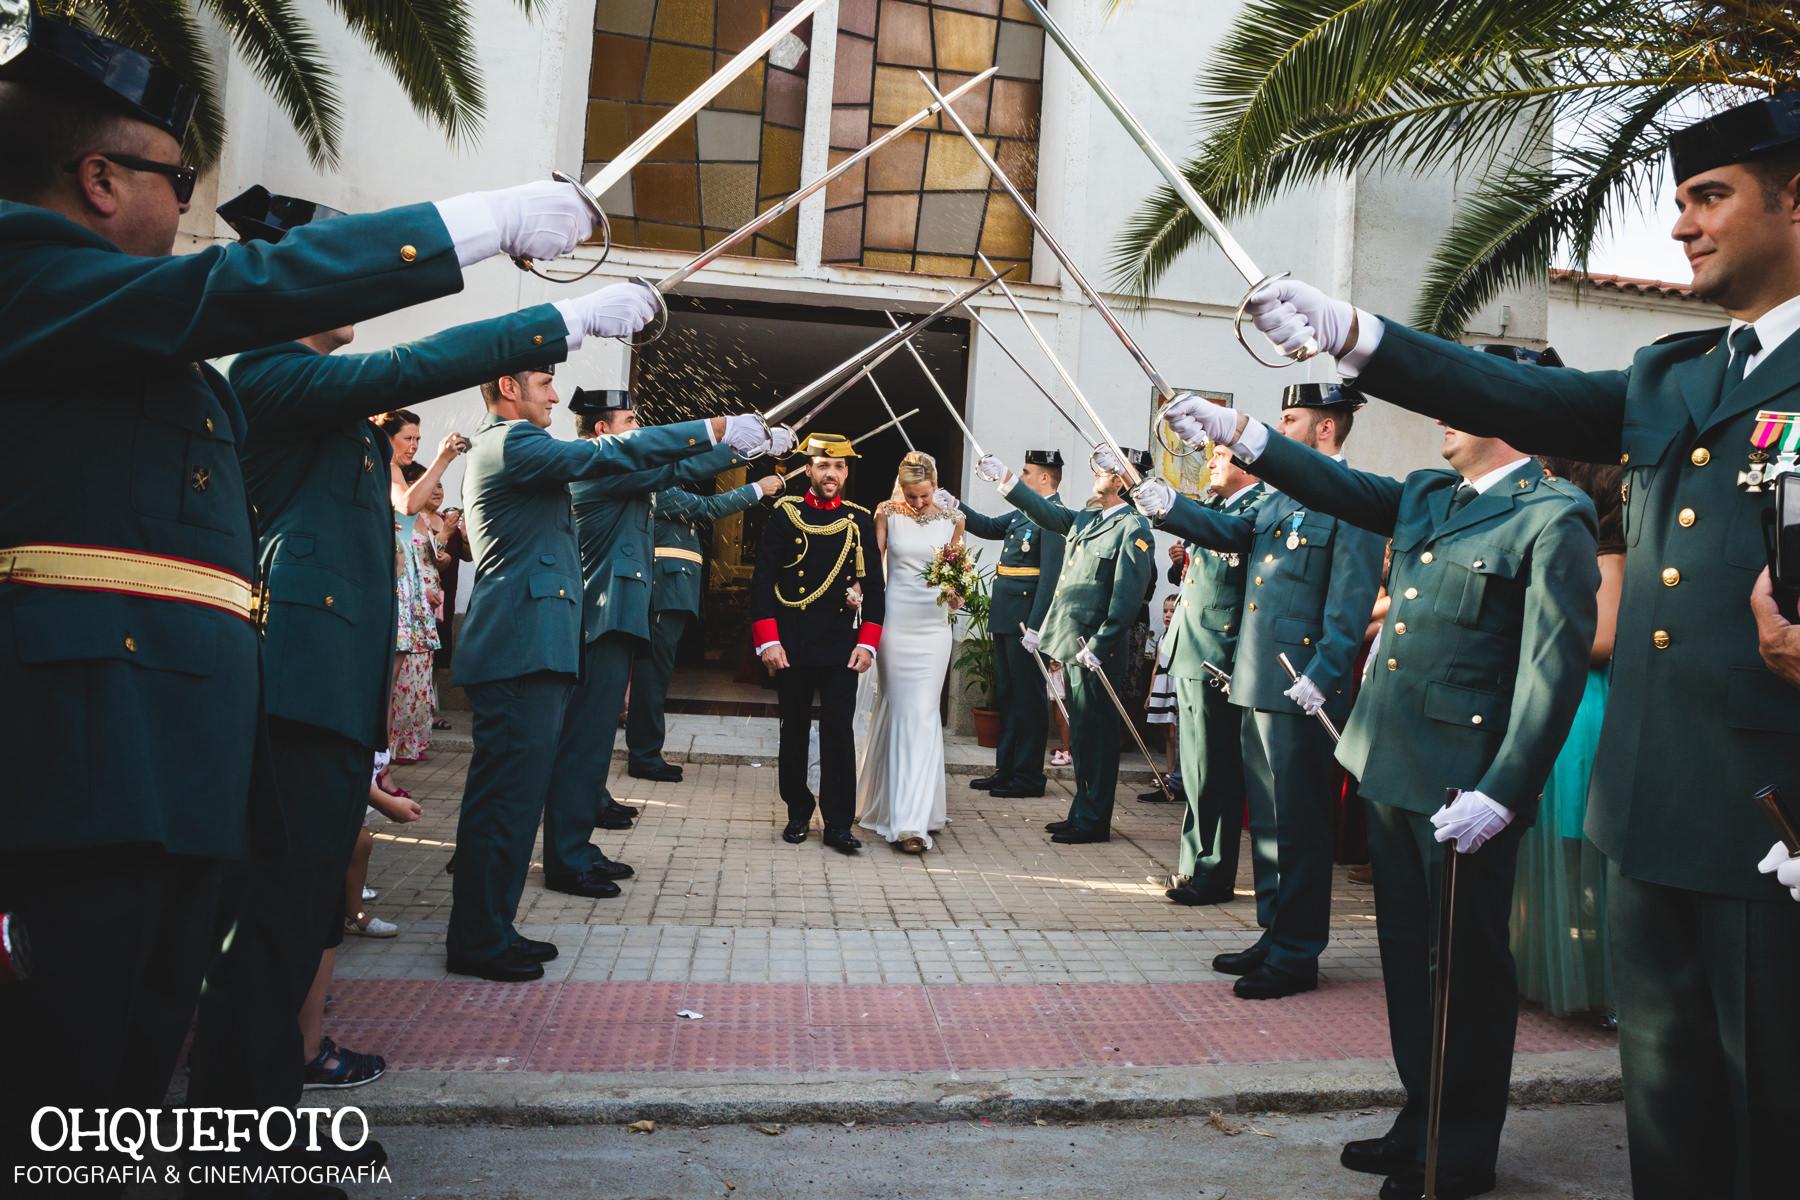 boda en la peraleda boda en cabeza del buey boda en capilla reportaje de bodas en almaden video de bodas en cordoba460 - Jose y Gema - Boda en Zarza Capilla y la Finca La Peraleda (Chillón)